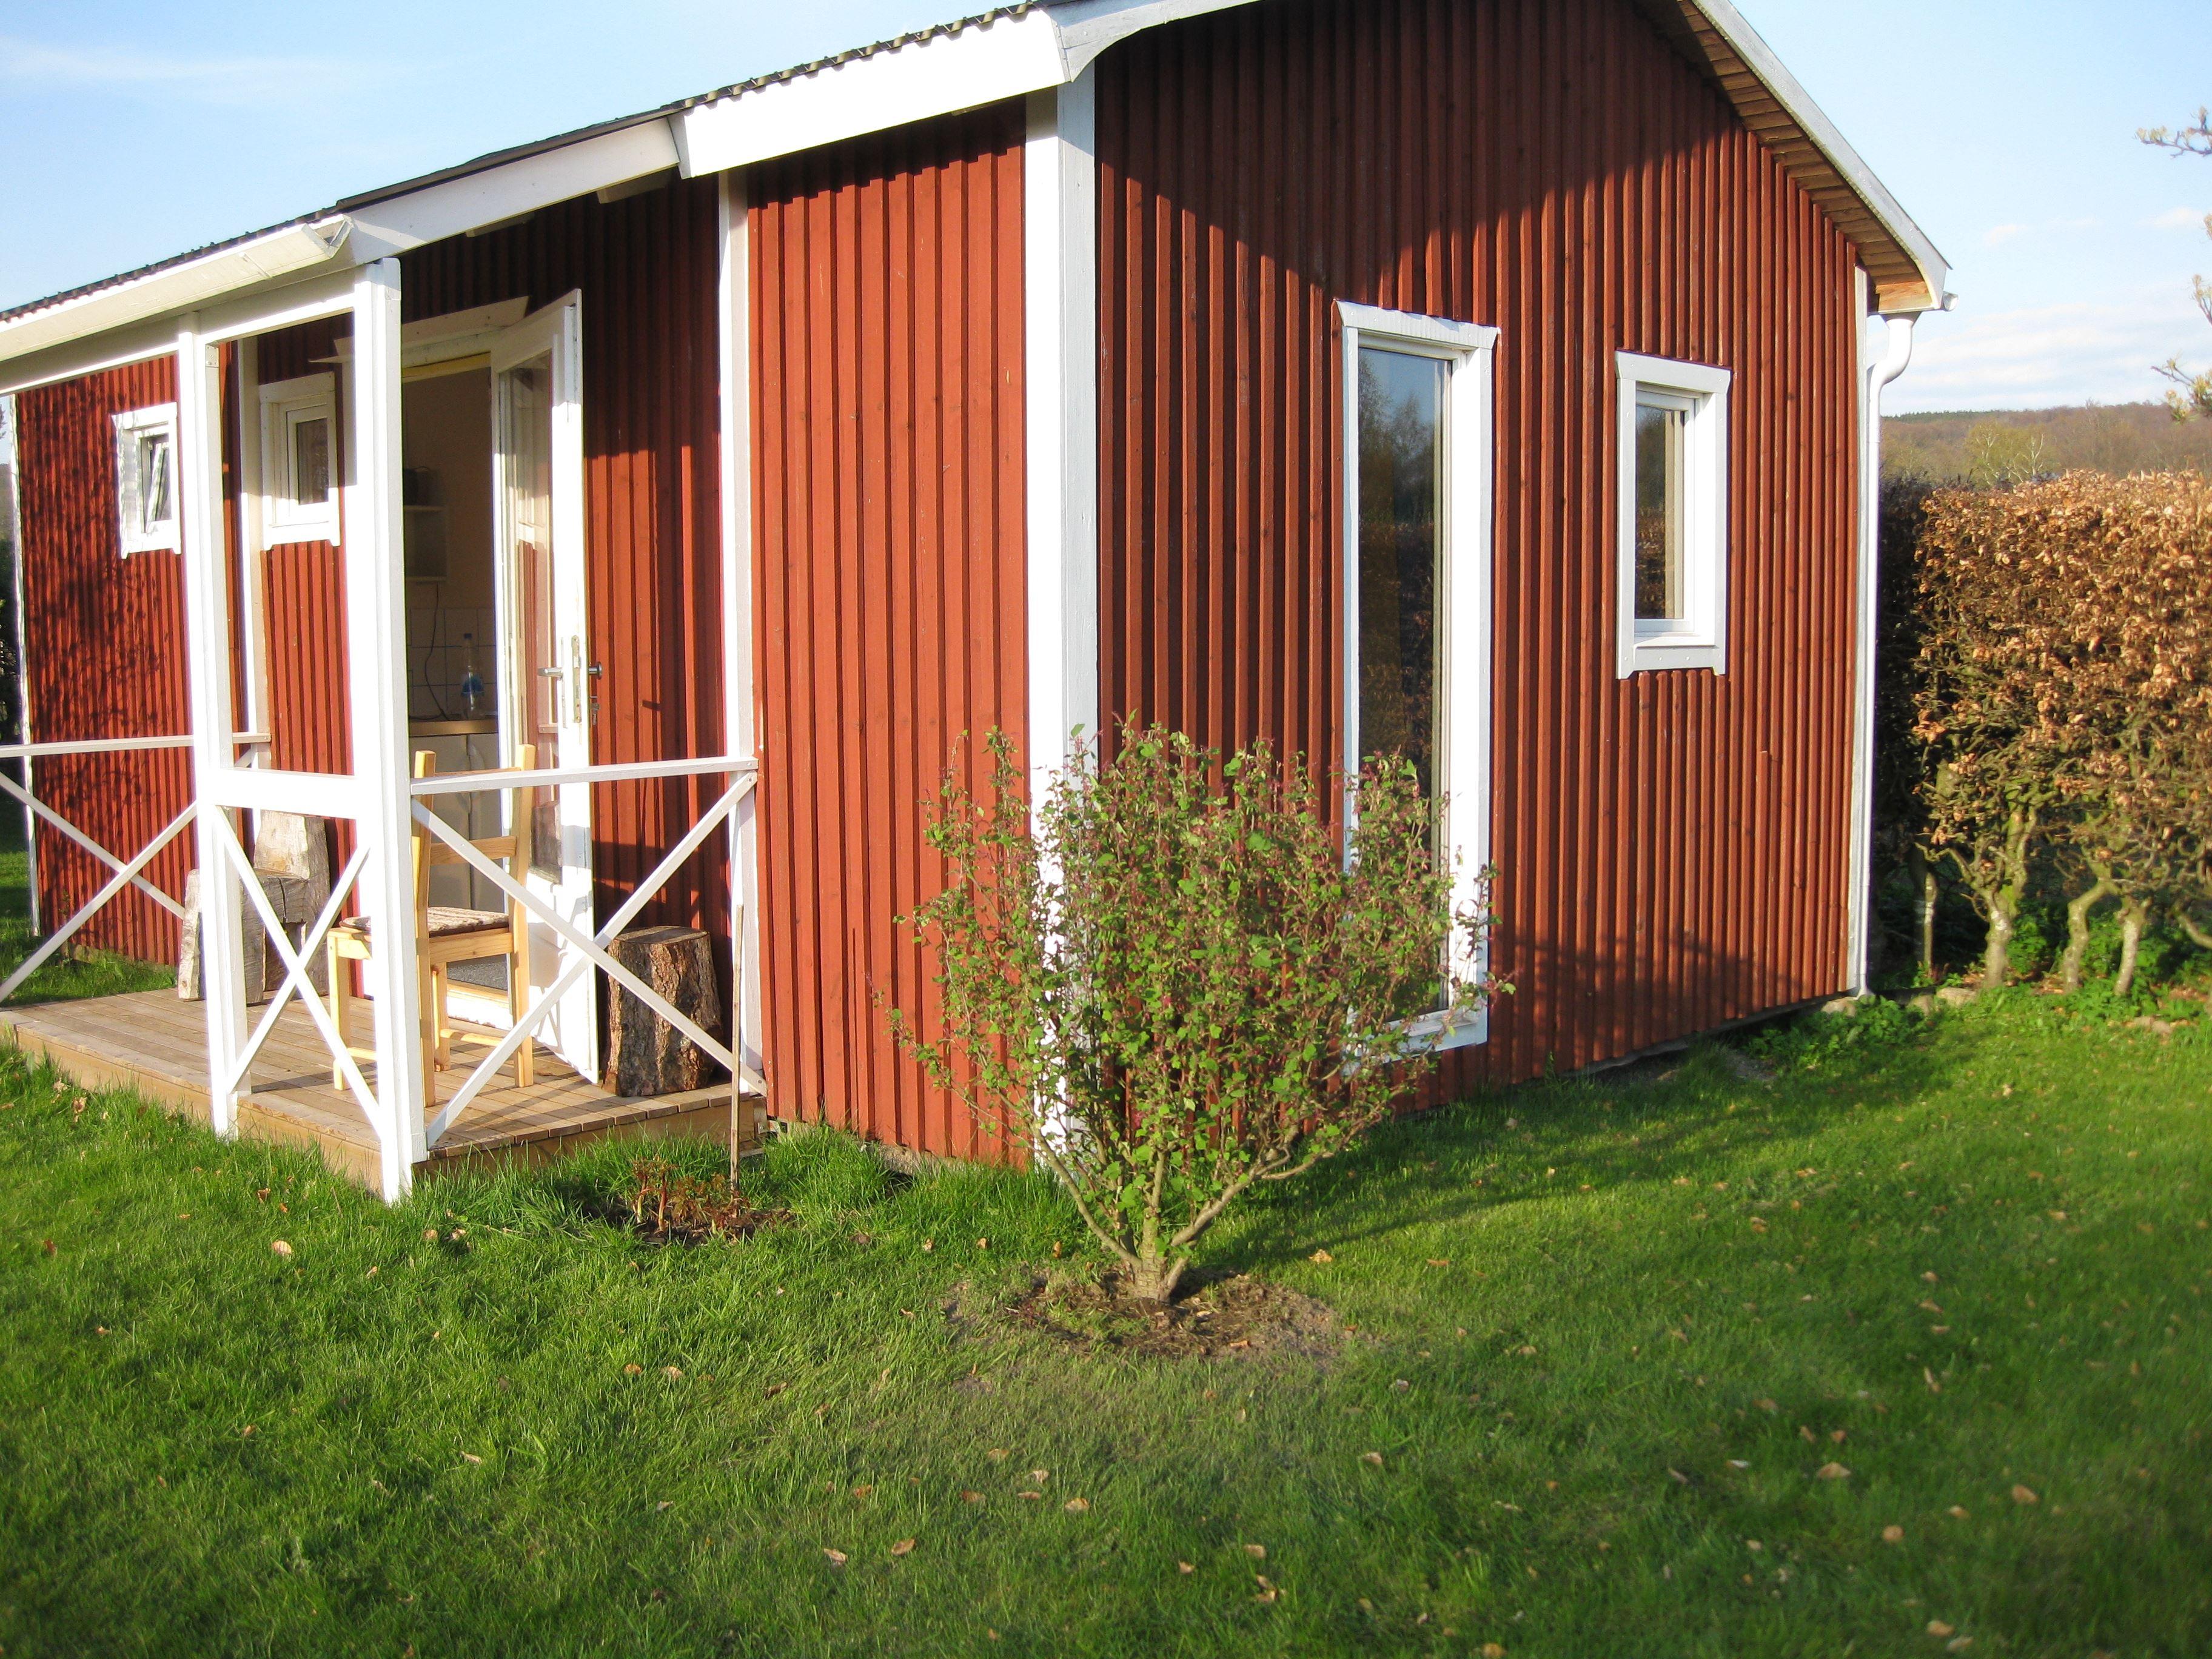 Boende - Båstad (Christel Voges)